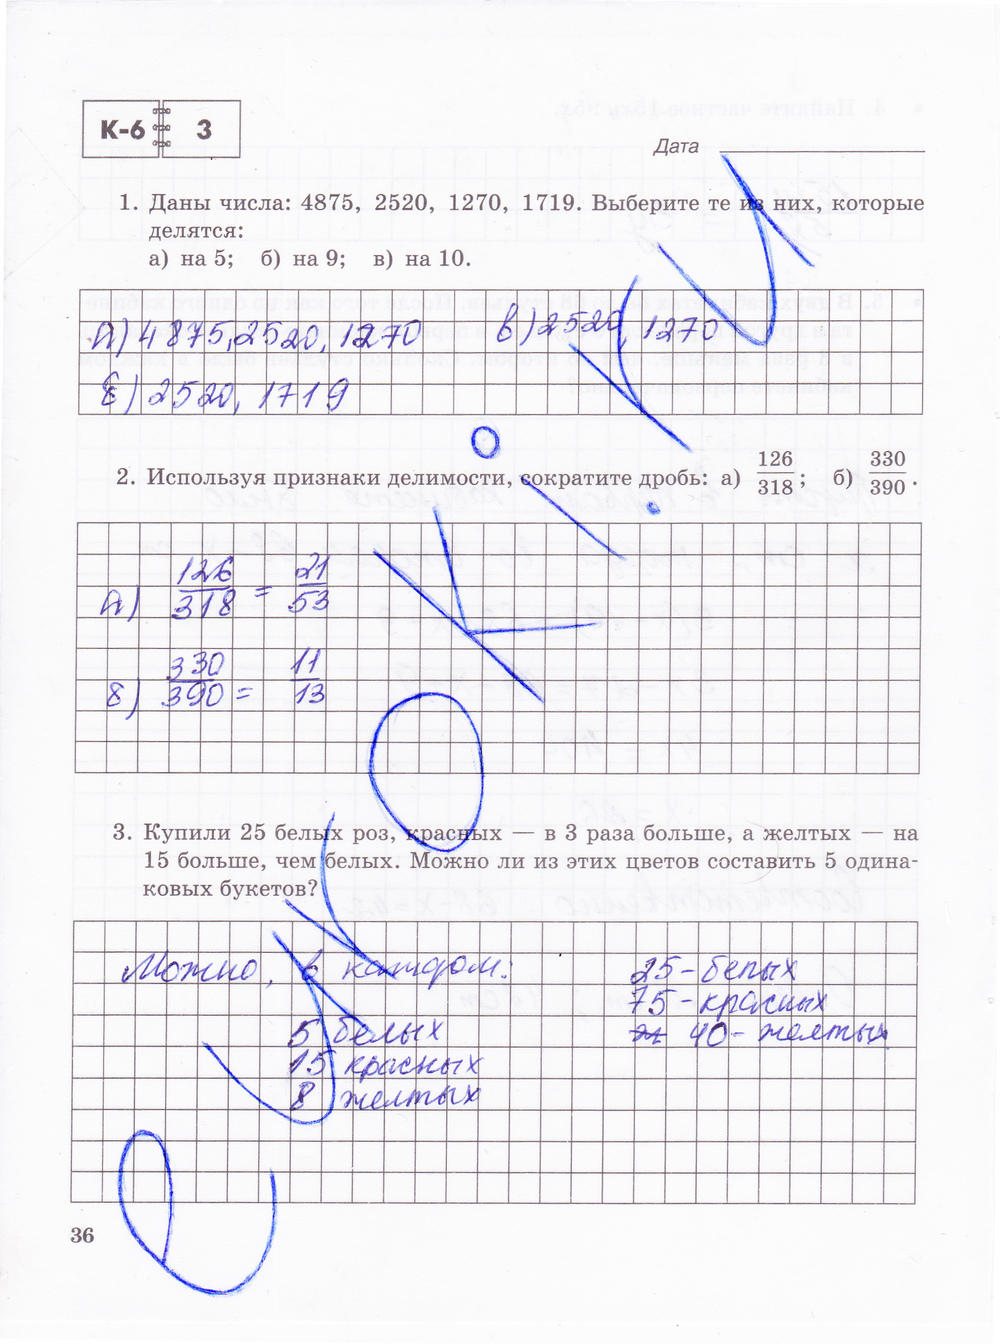 Гдз тетрадь для контрольных работ по математике 6 класс 2 часть